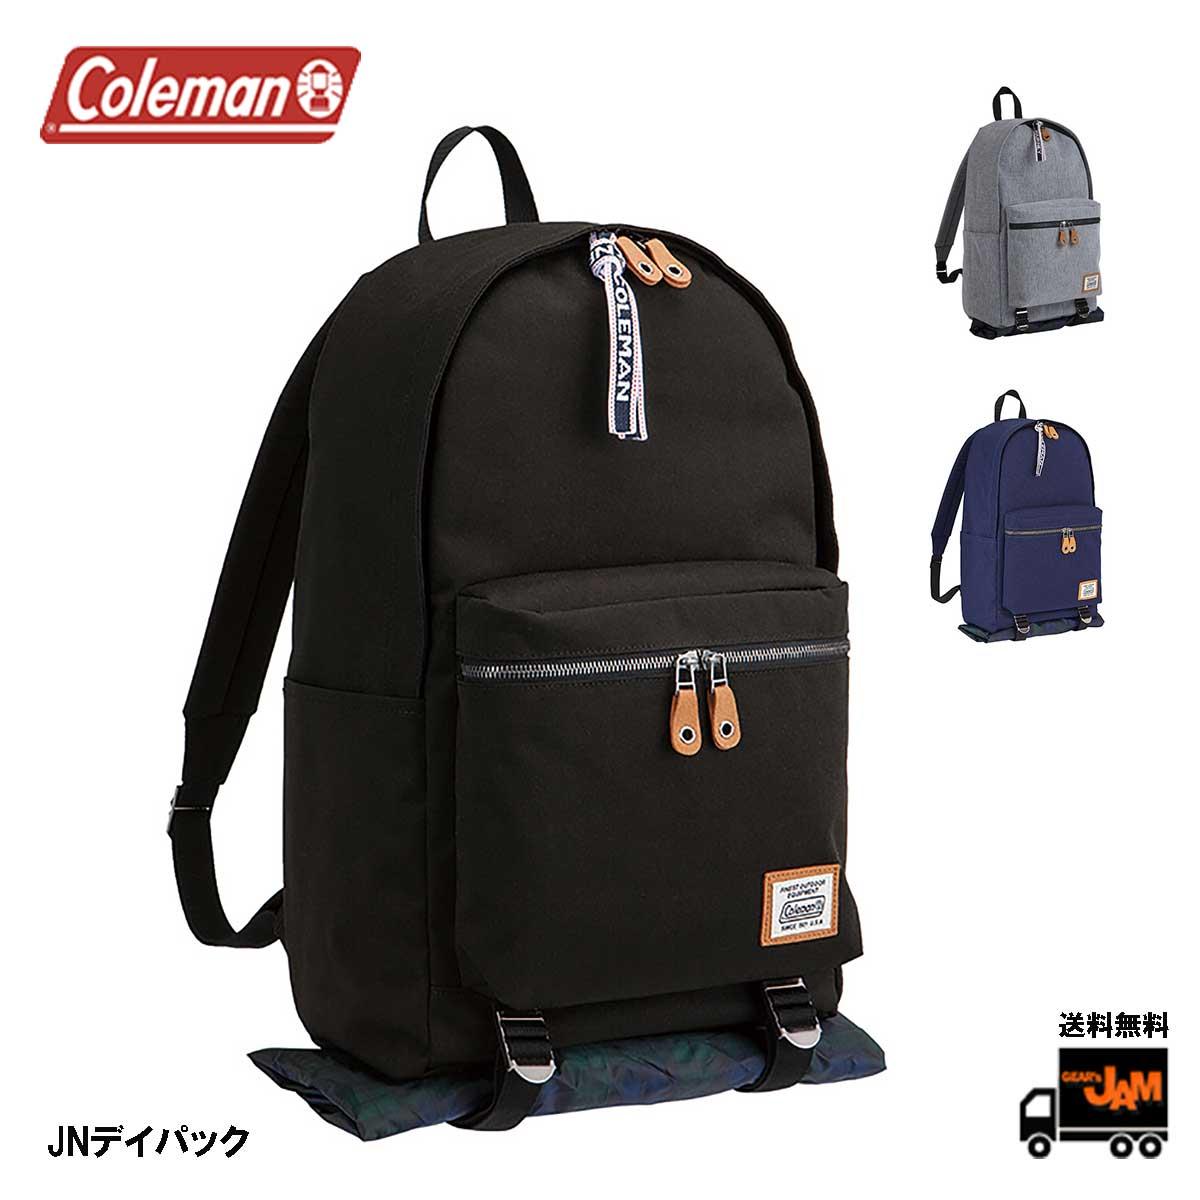 年末年始大決算 Coleman コールマン JN DAYPACK リュックサック リュック デイパック 21L 送料無料 レインカバー メンズ A4 レディース 出色